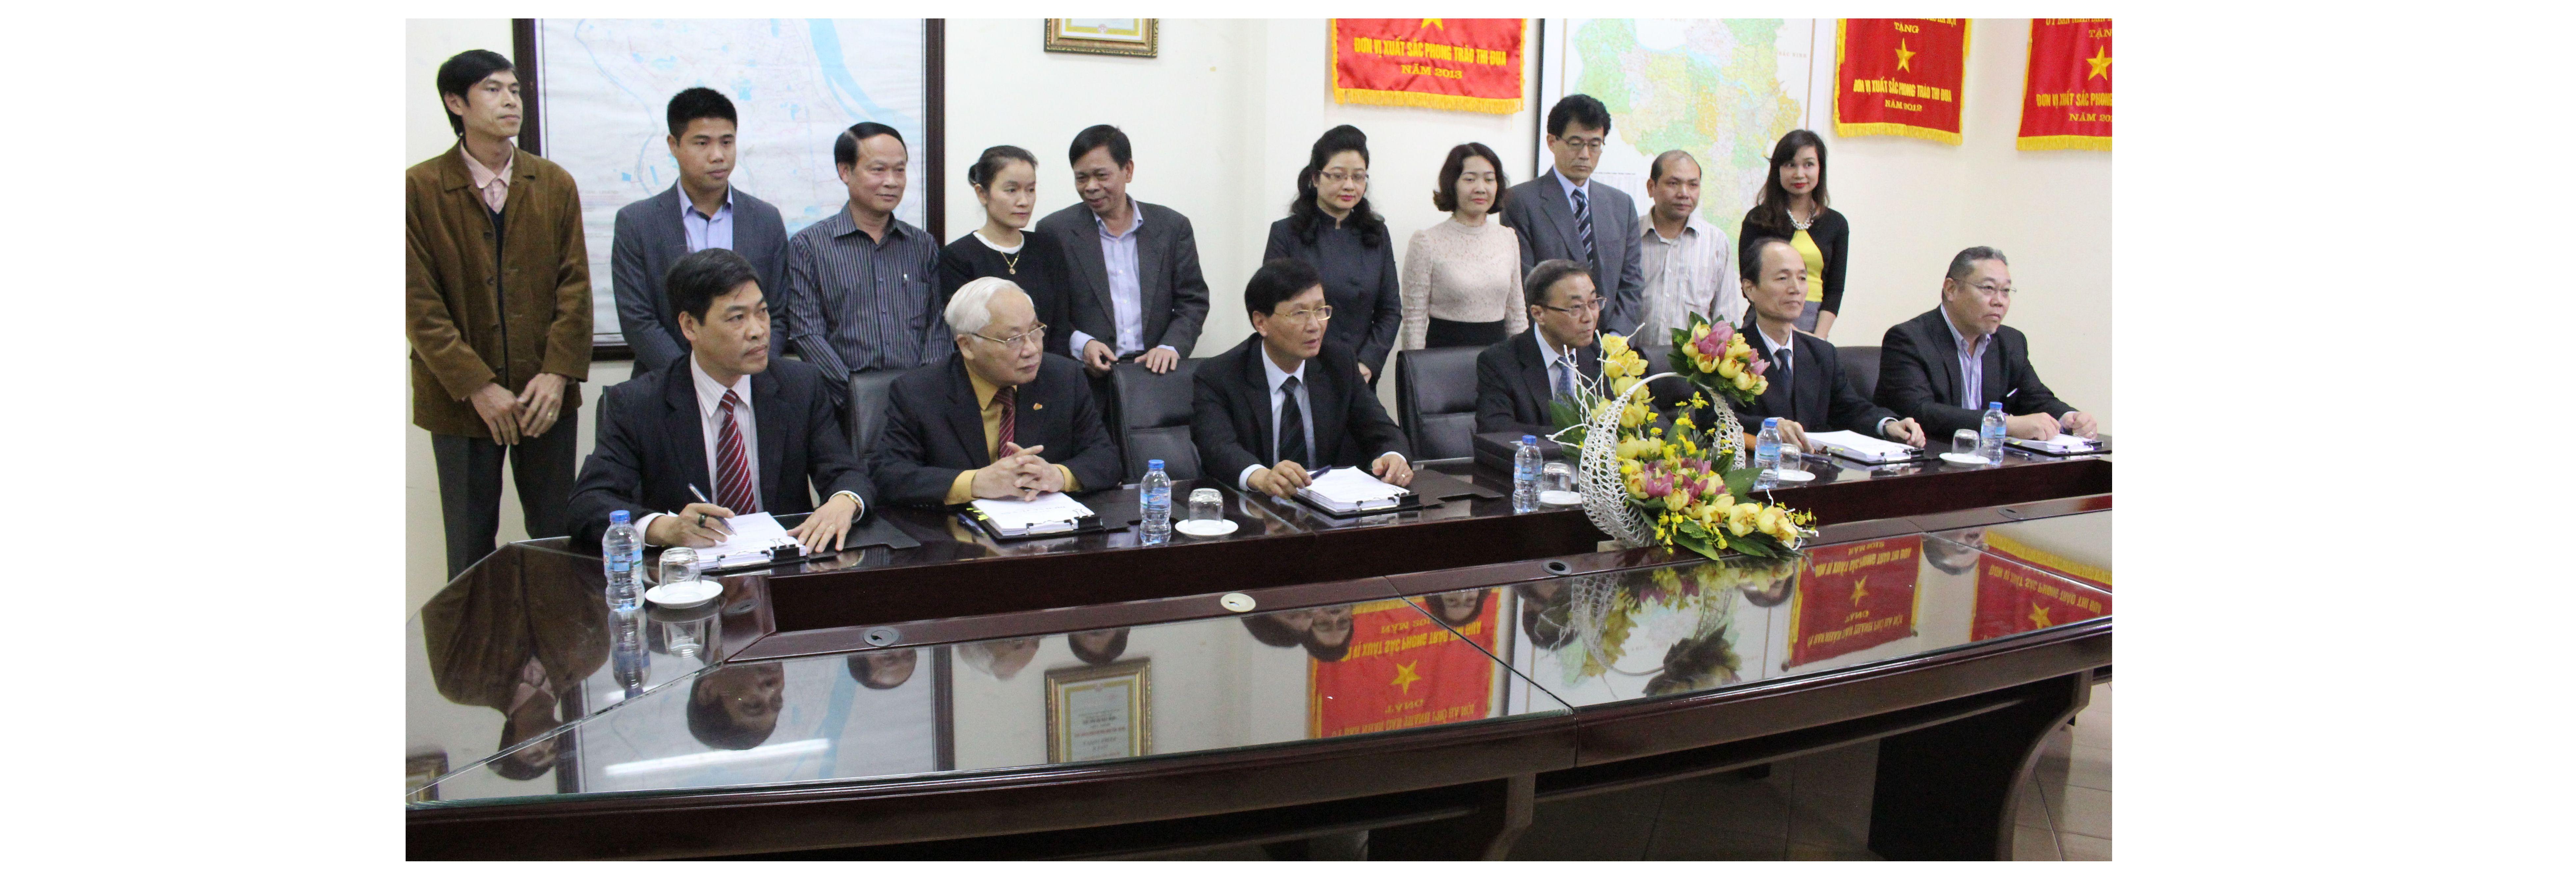 Lễ ký kết hợp đồng: Xử lý nước thải Yên Xá